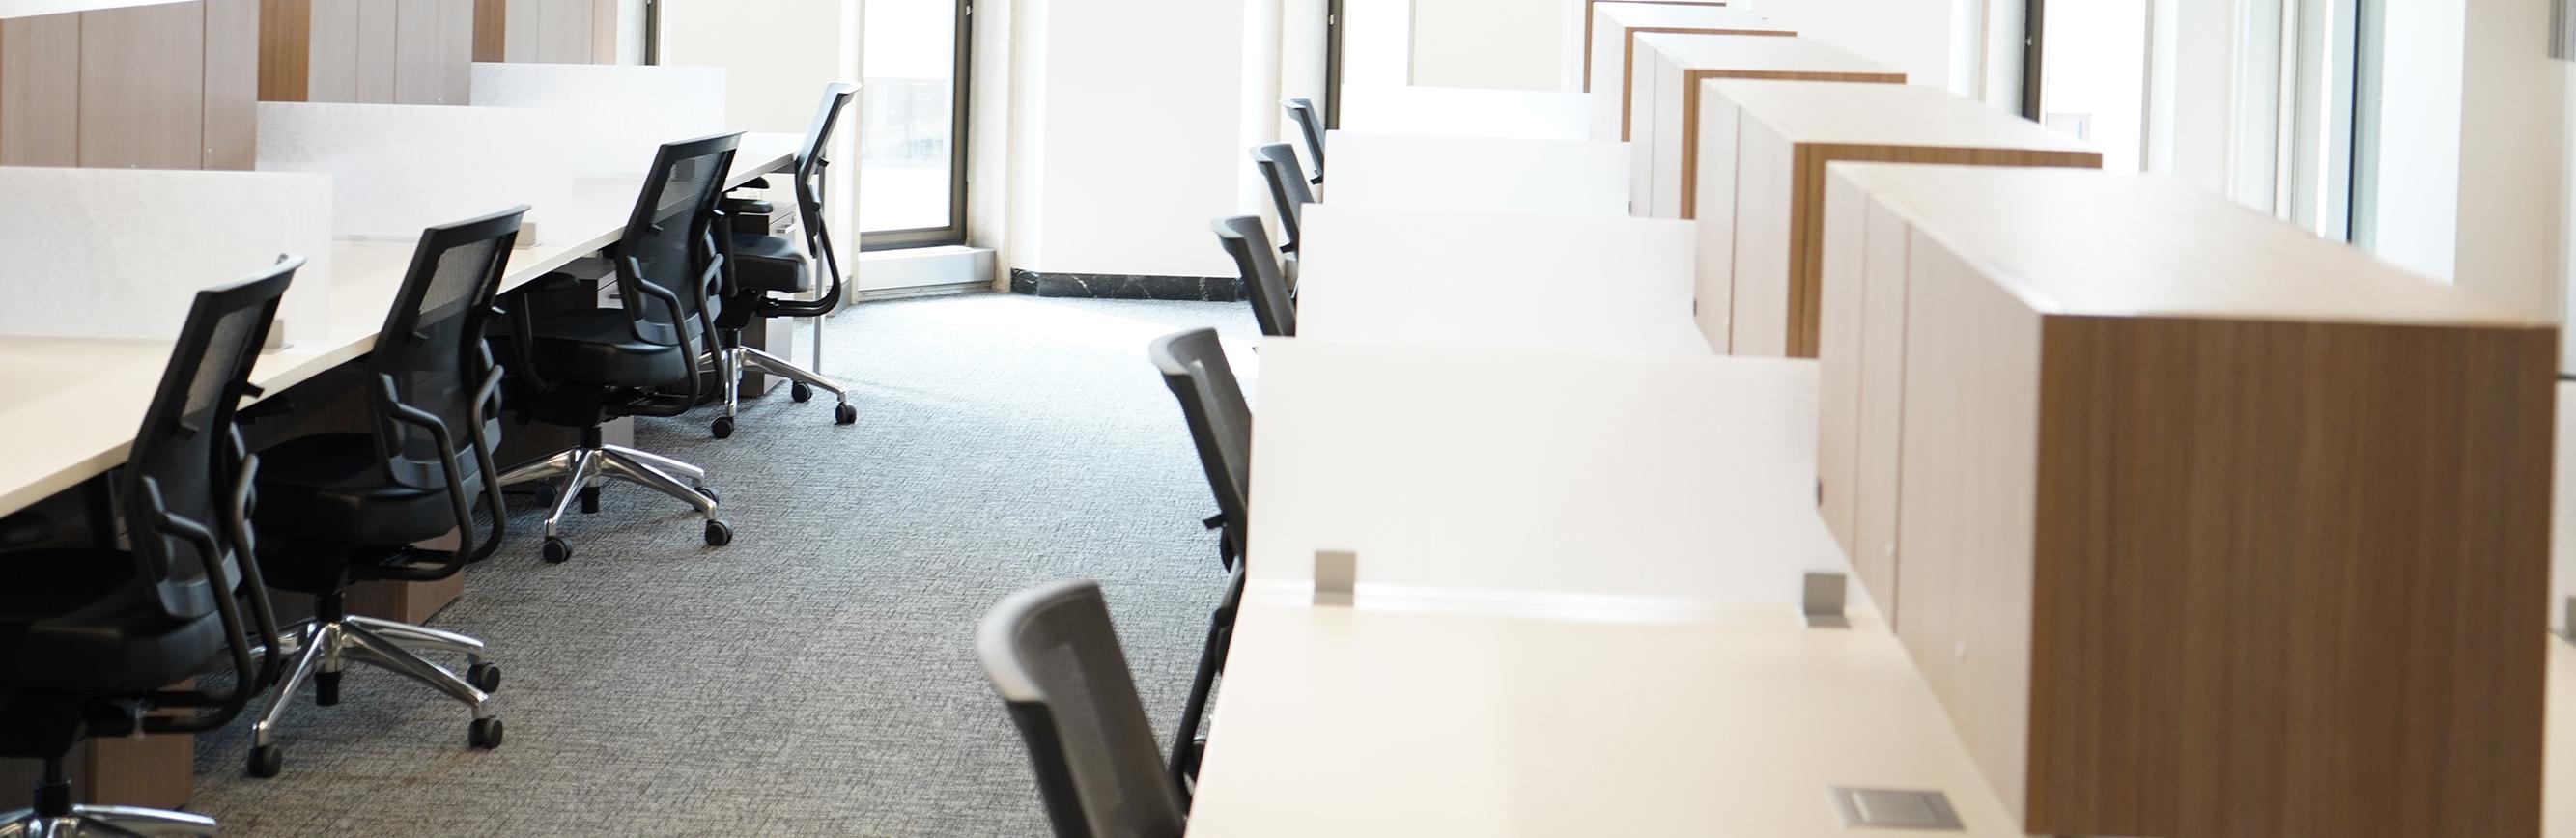 Graduate study room carrels